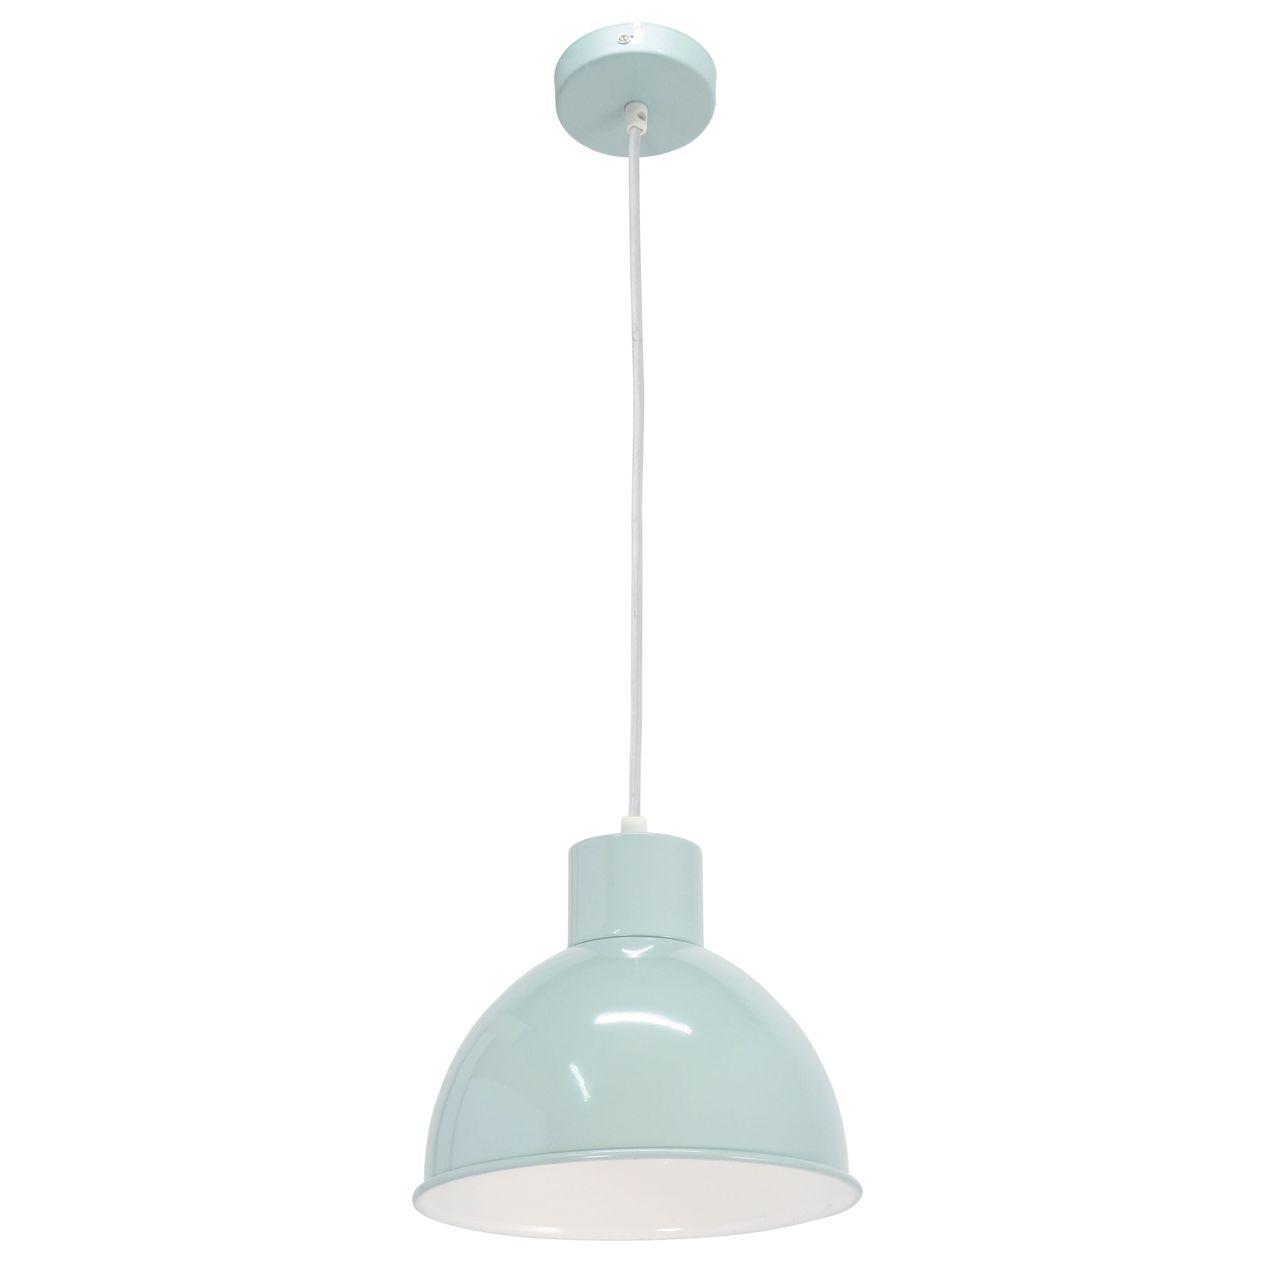 Подвесной светильник Eglo Vintage 49239 eglo подвесной светильник eglo vintage 49212